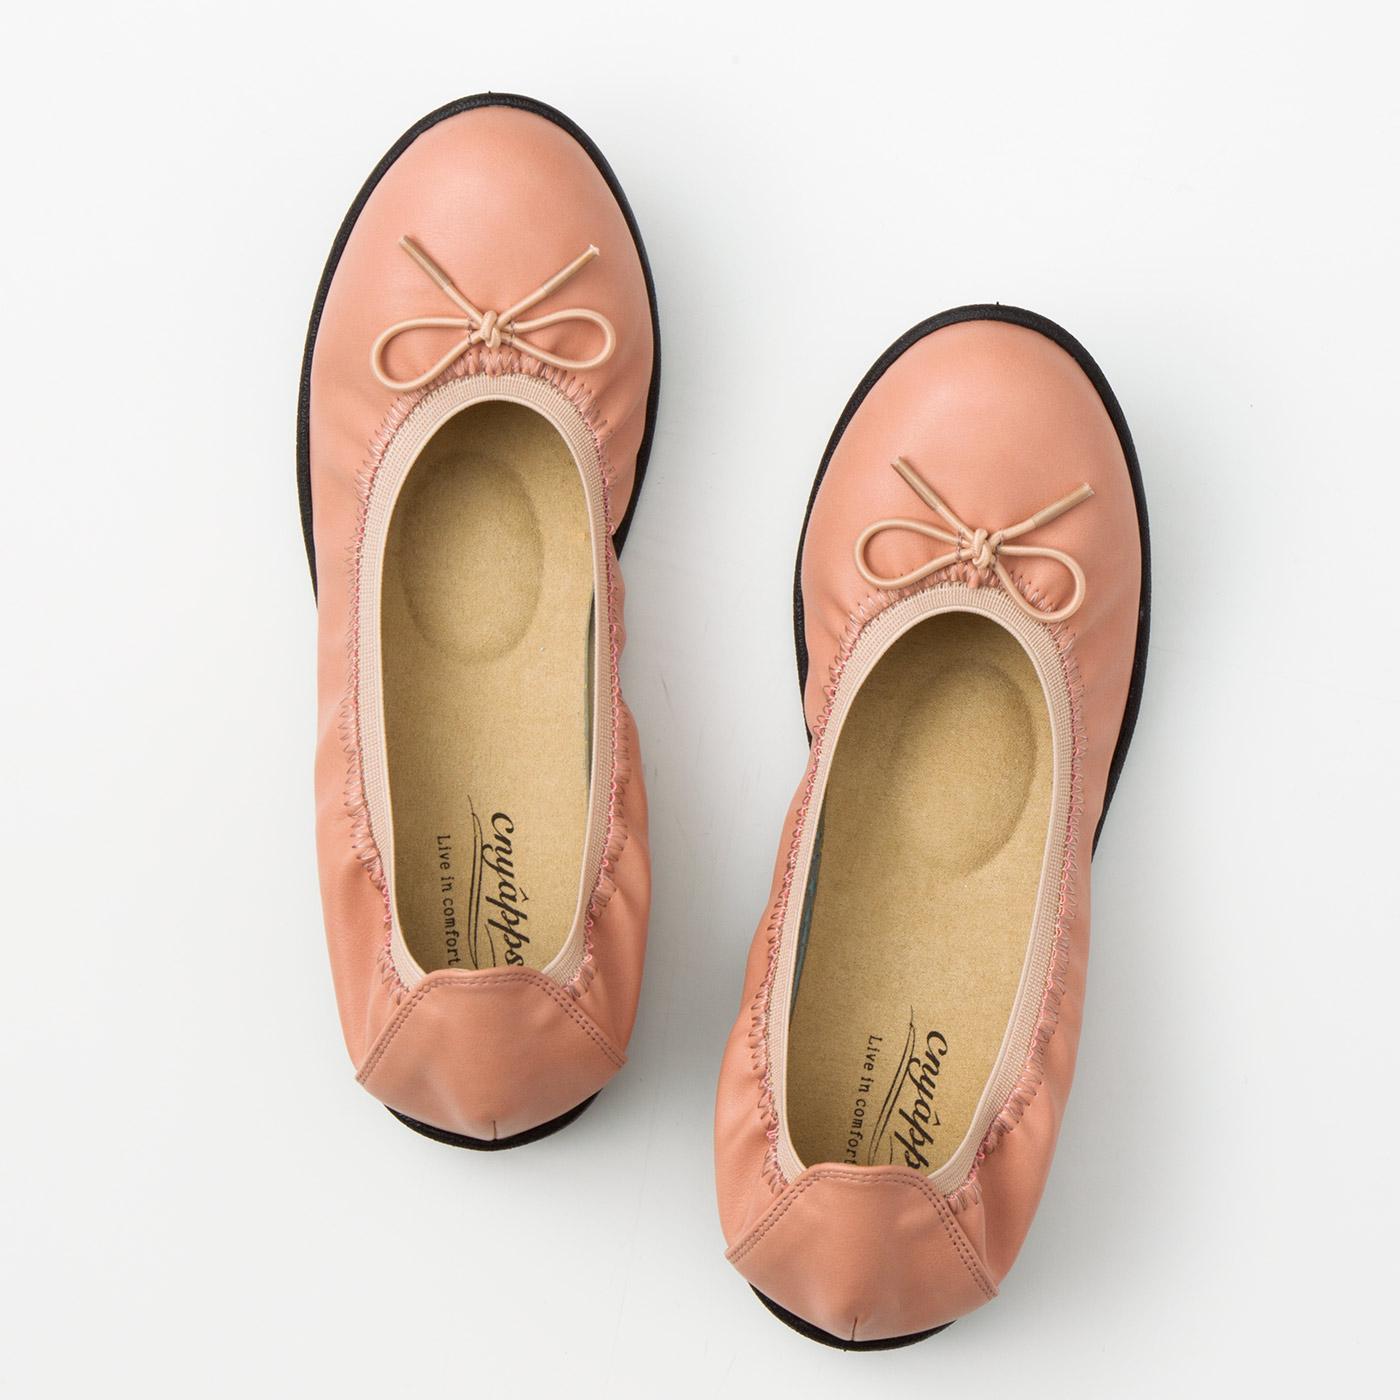 フェリシモ リブ イン コンフォート 包み込まれるような履き心地の 軽やかリボンくにゃっプス(R)〈ピンク〉